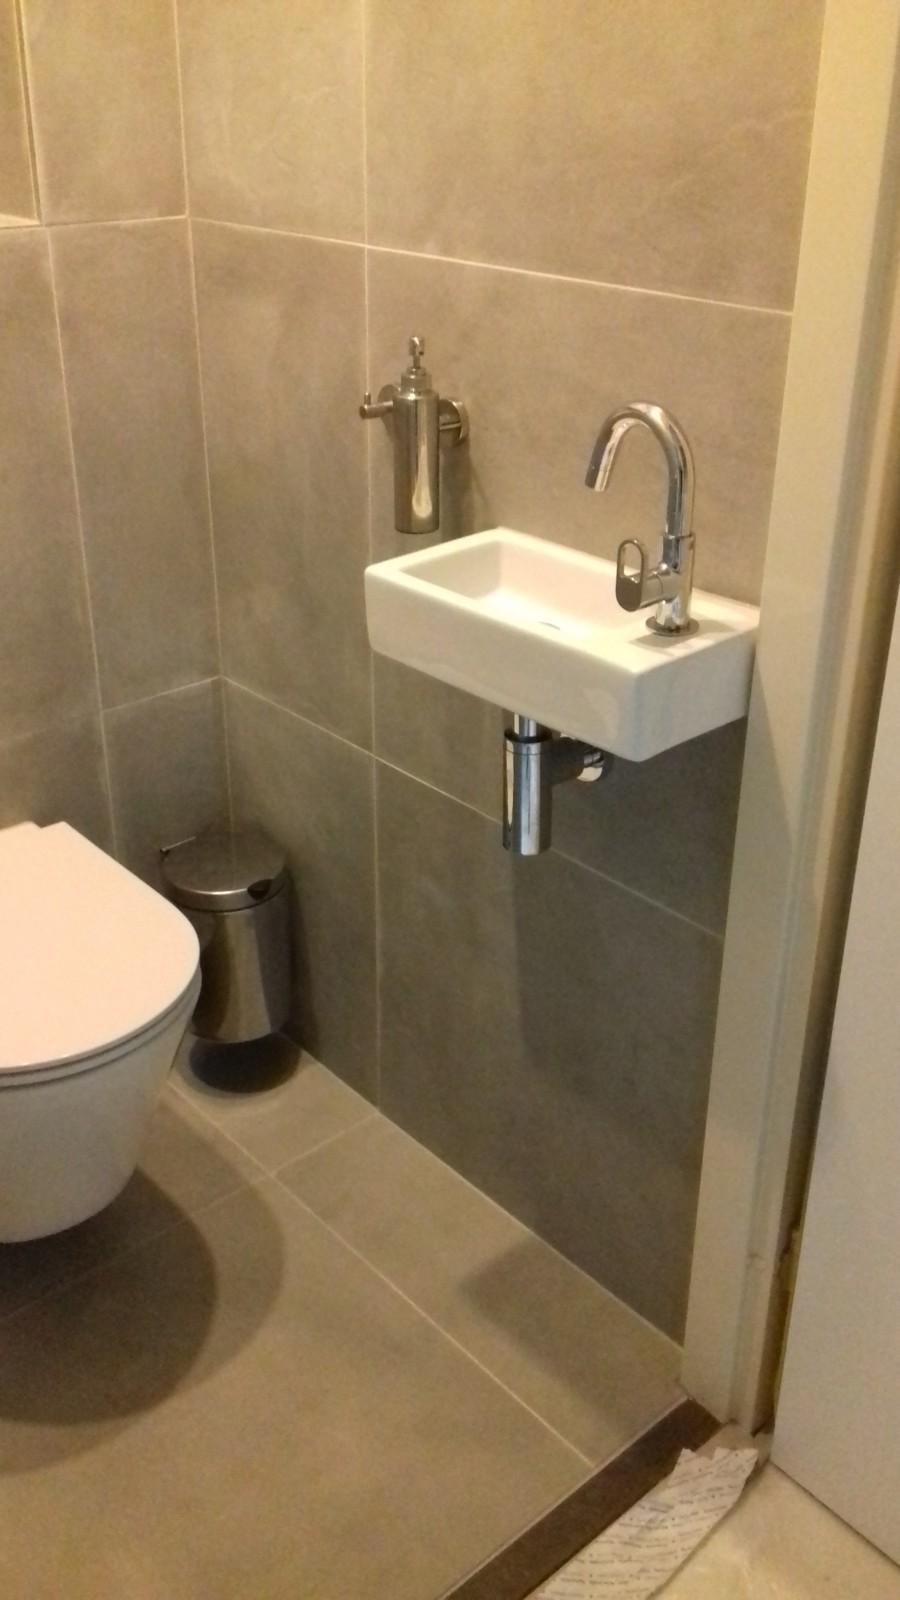 https://backend.klussenier.net/images/profiles/351357/document/16565-badkamer-en-toilet-renovatie-zwolle.jpg